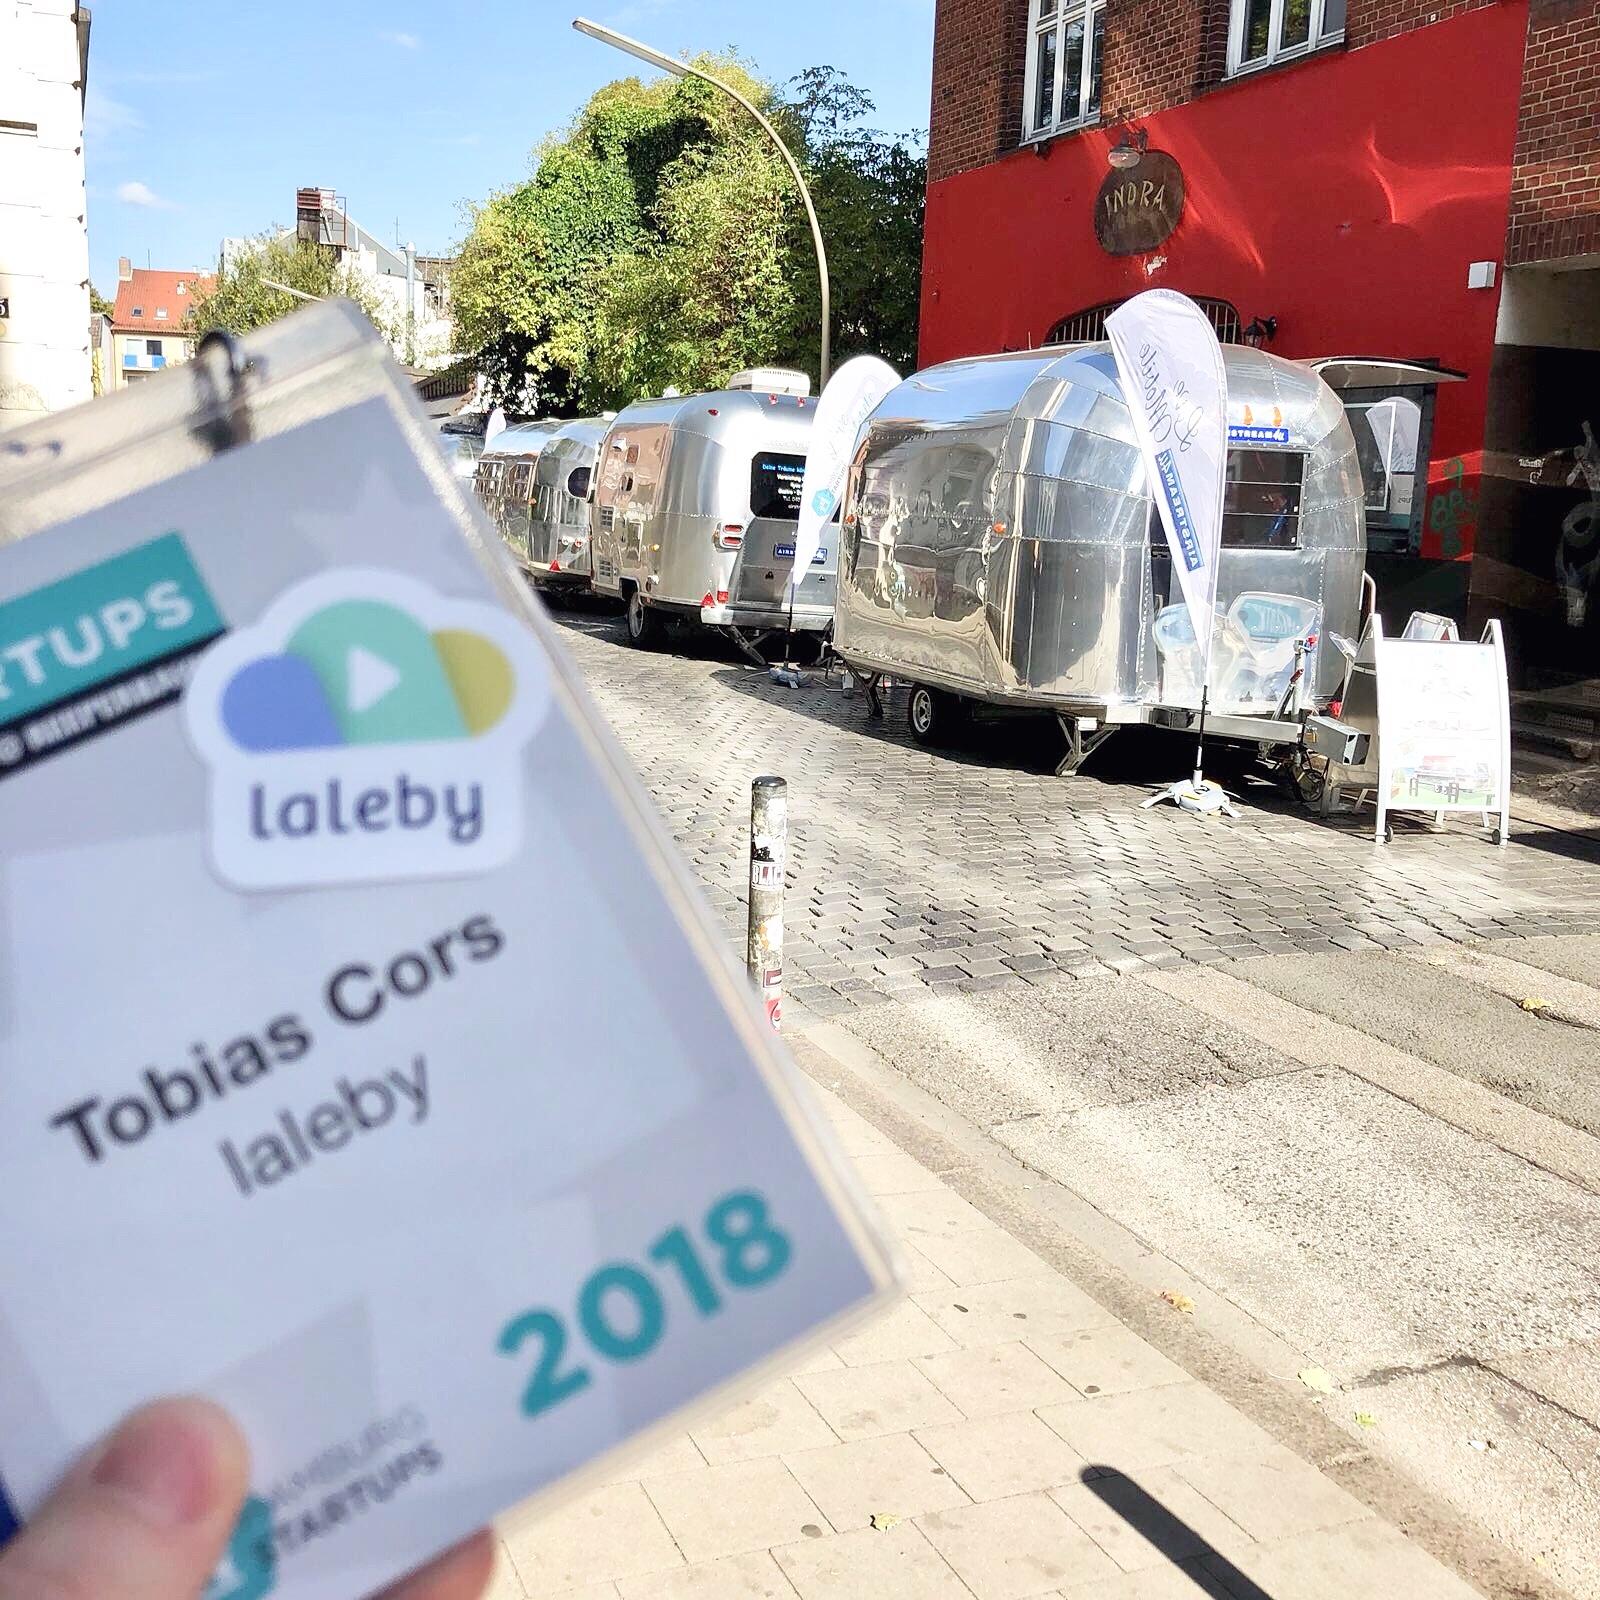 laleby beim Reeperbahn Festival Blinddate Startups@Reeperbahn